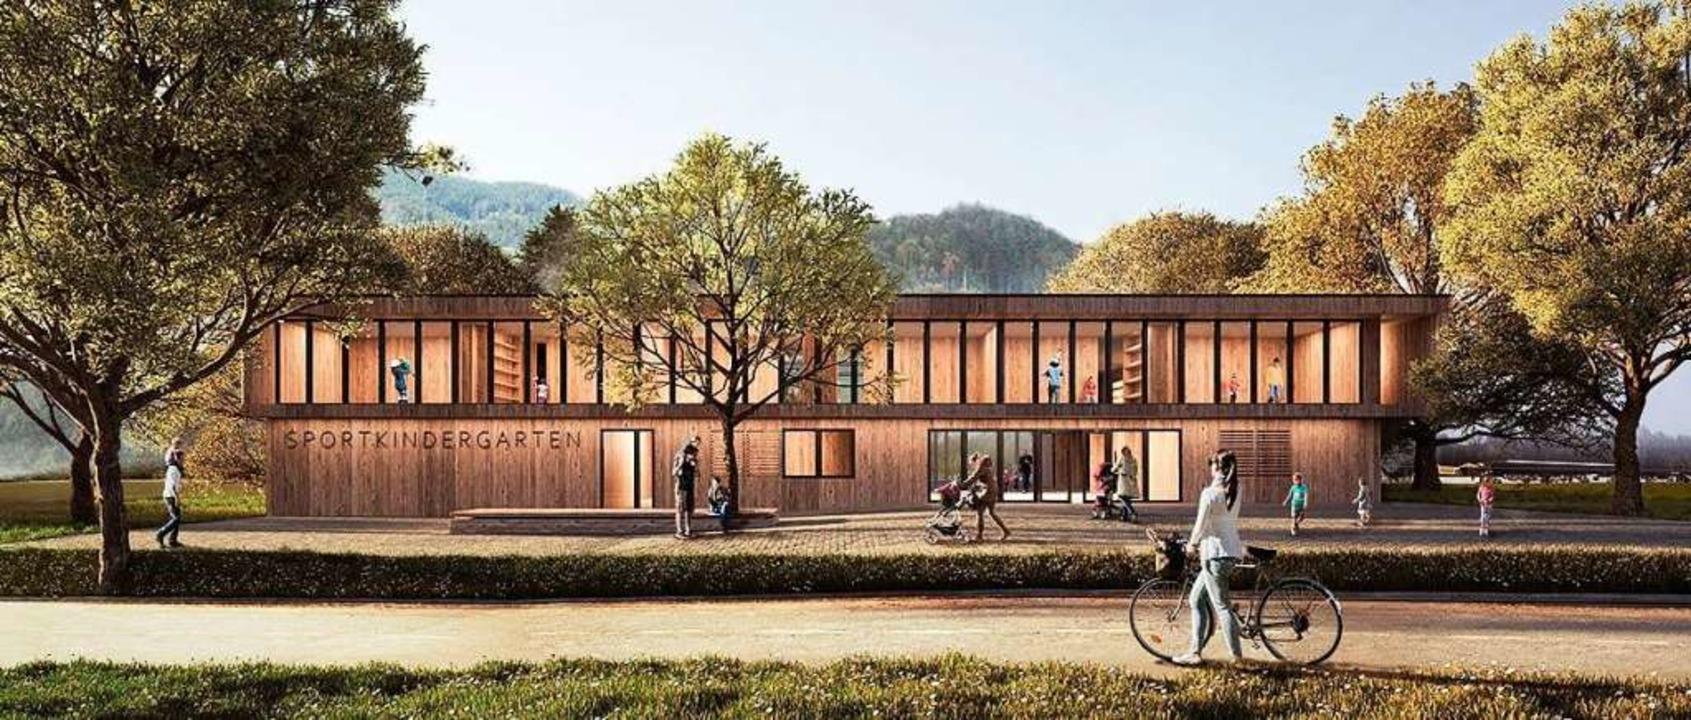 Planungsentwurf des Kirchzartener Sportkindergartens.  | Foto: Architektur 109, Stuttgart